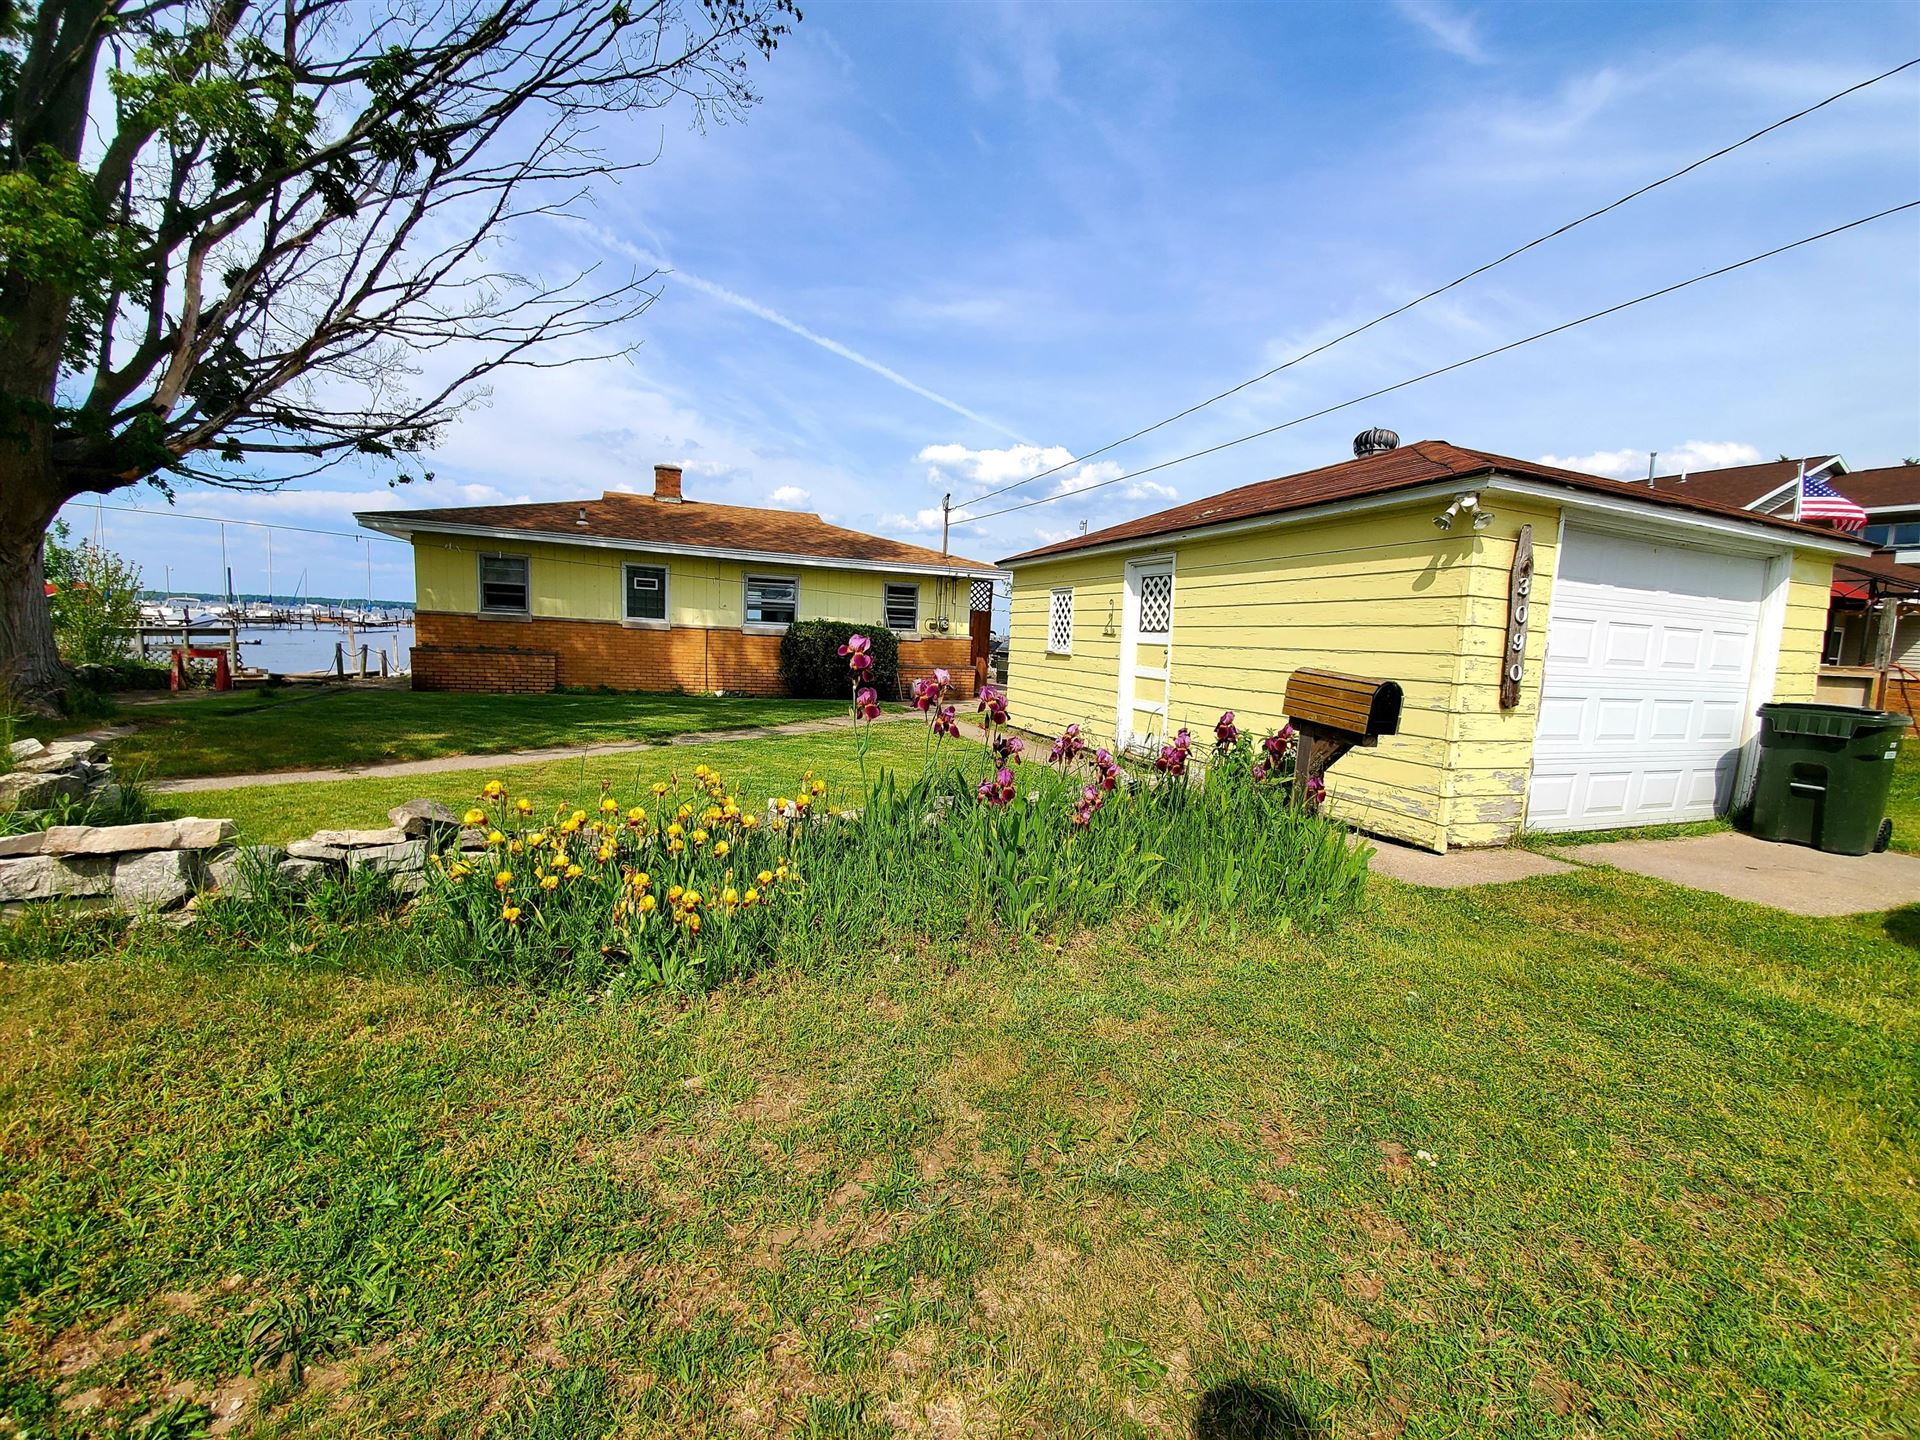 3092 Lakeshore Drive, Muskegon, MI 49441 - MLS#: 21020519